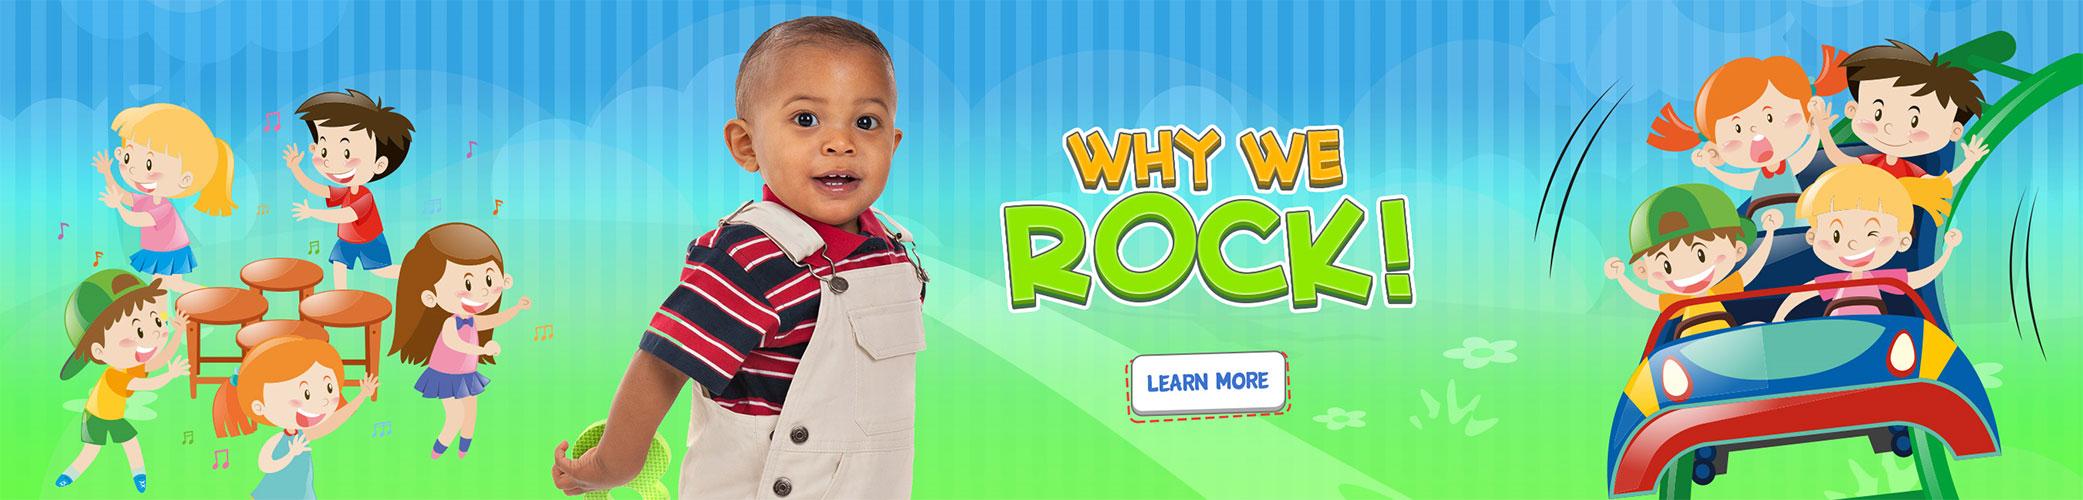 WRTS Edwardsville/ Why We Rock